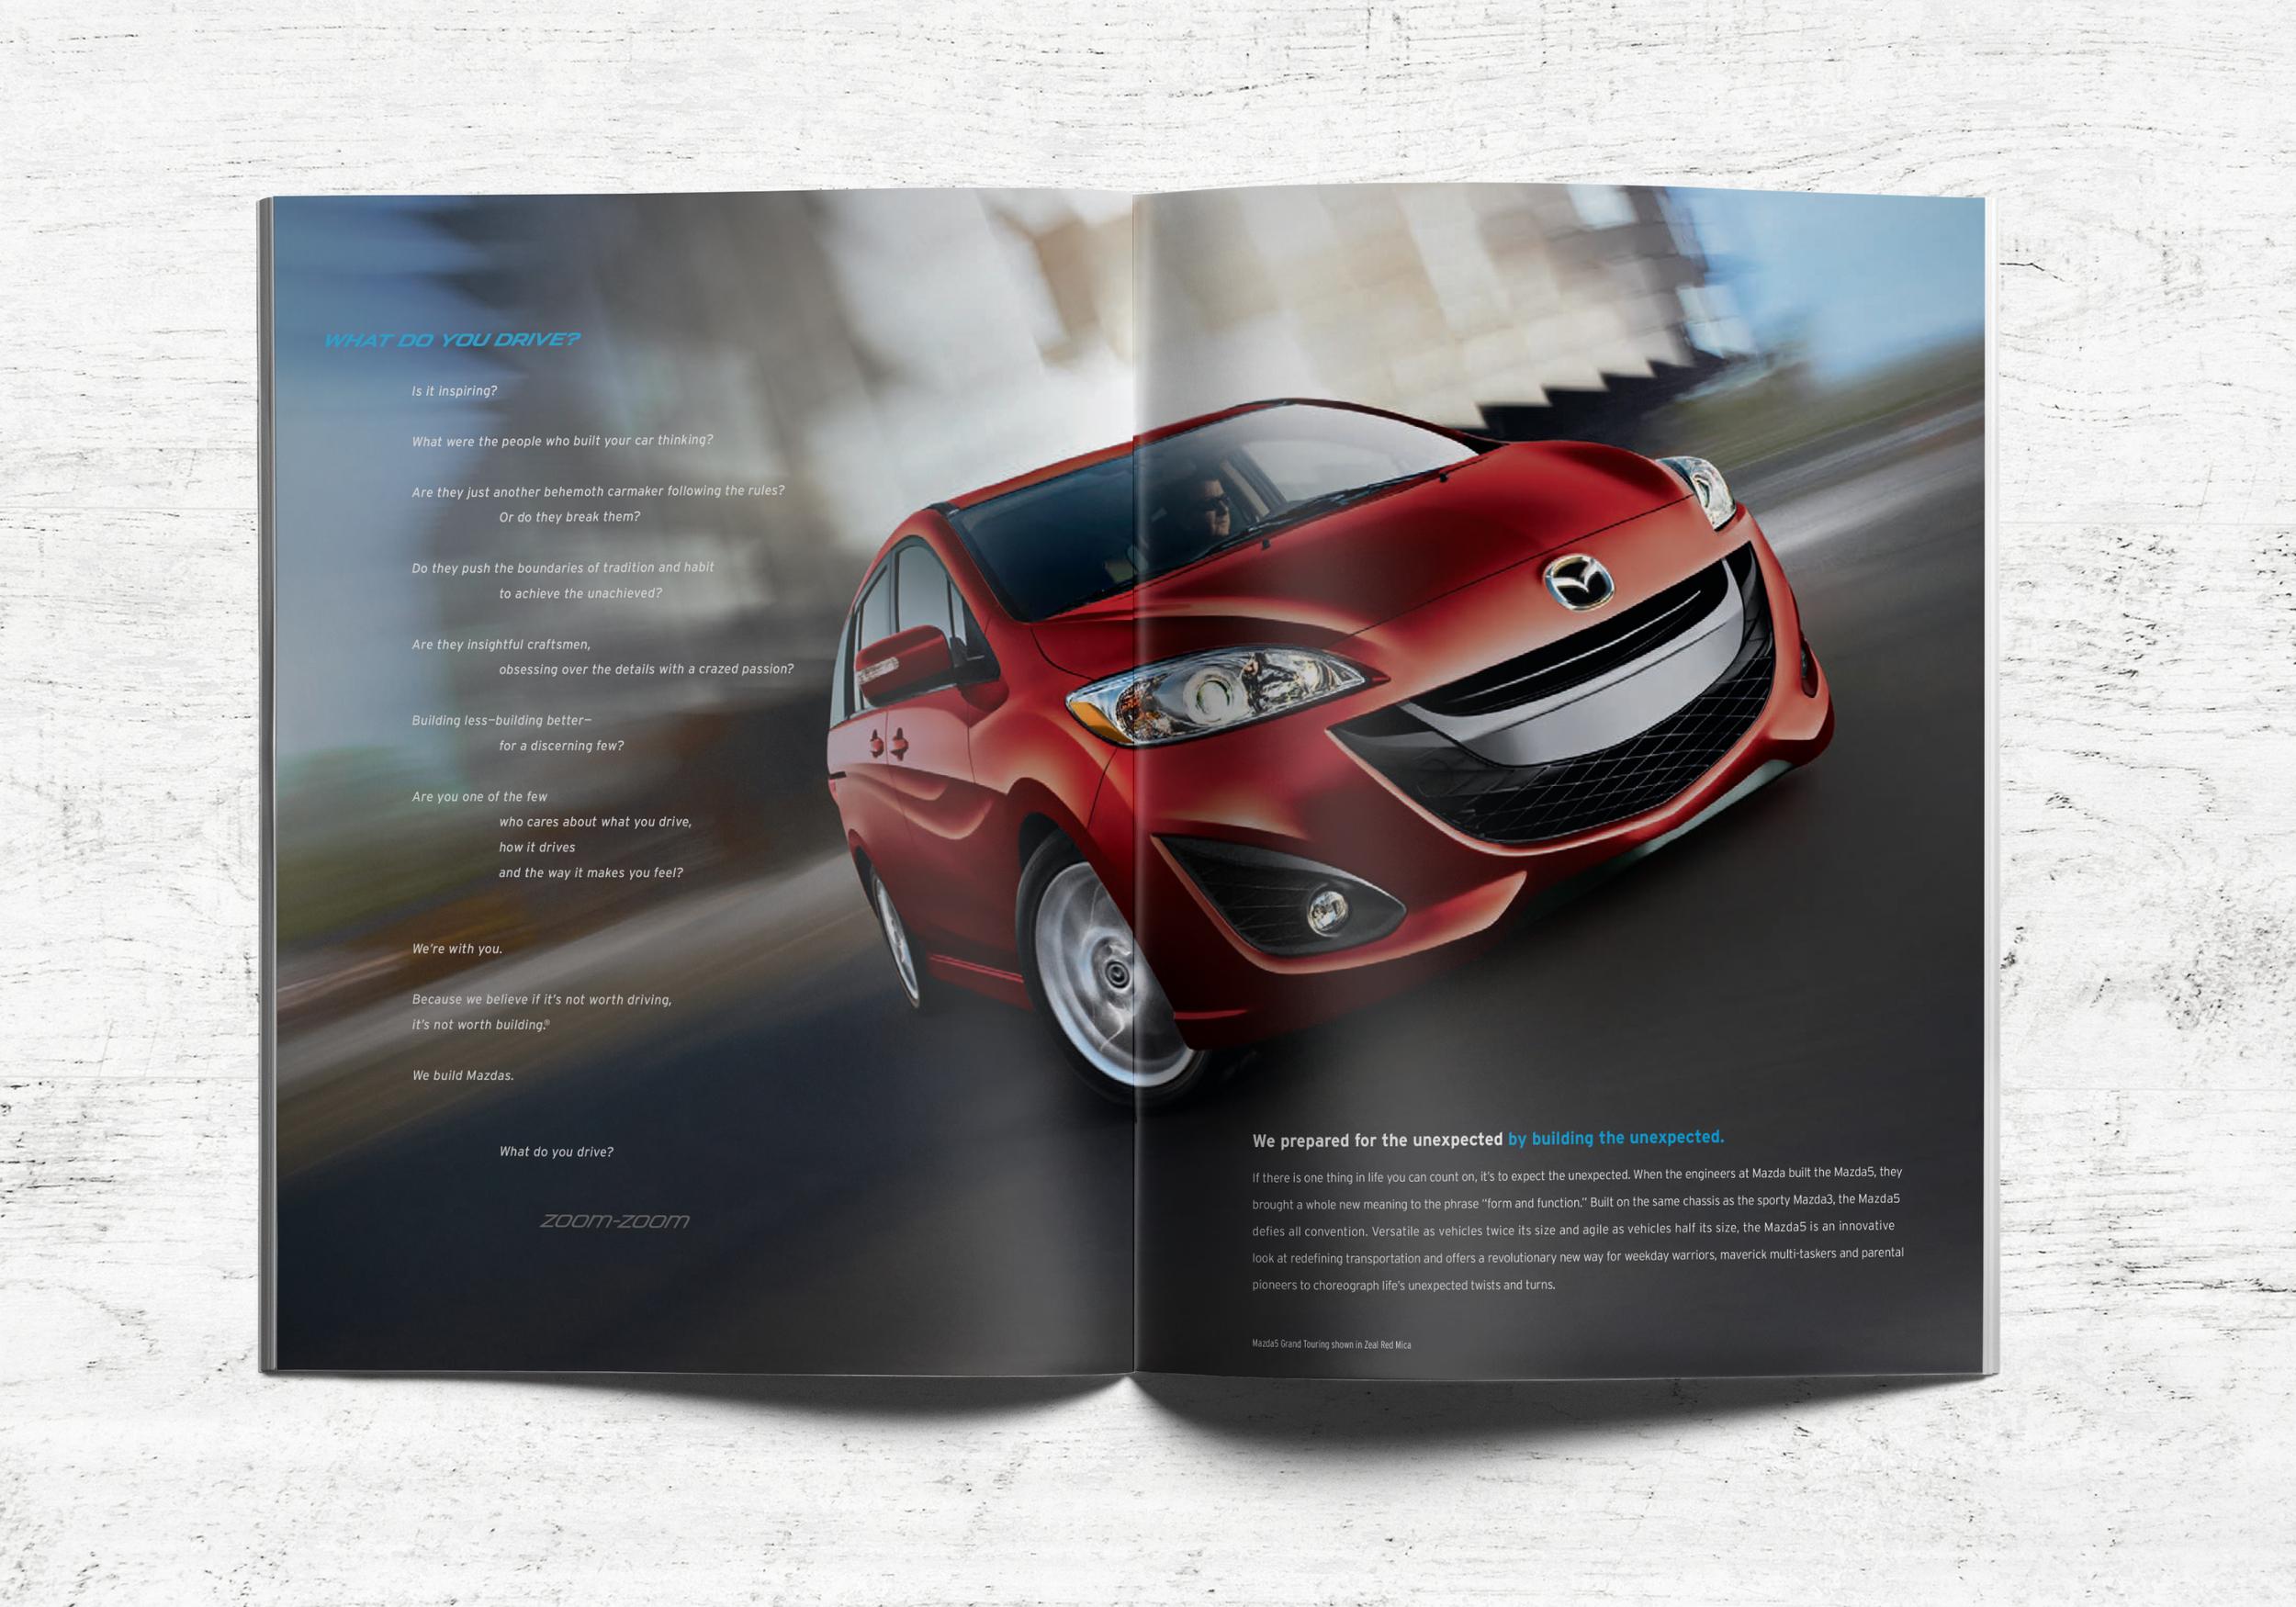 2012_Mazda5_Spread.jpg